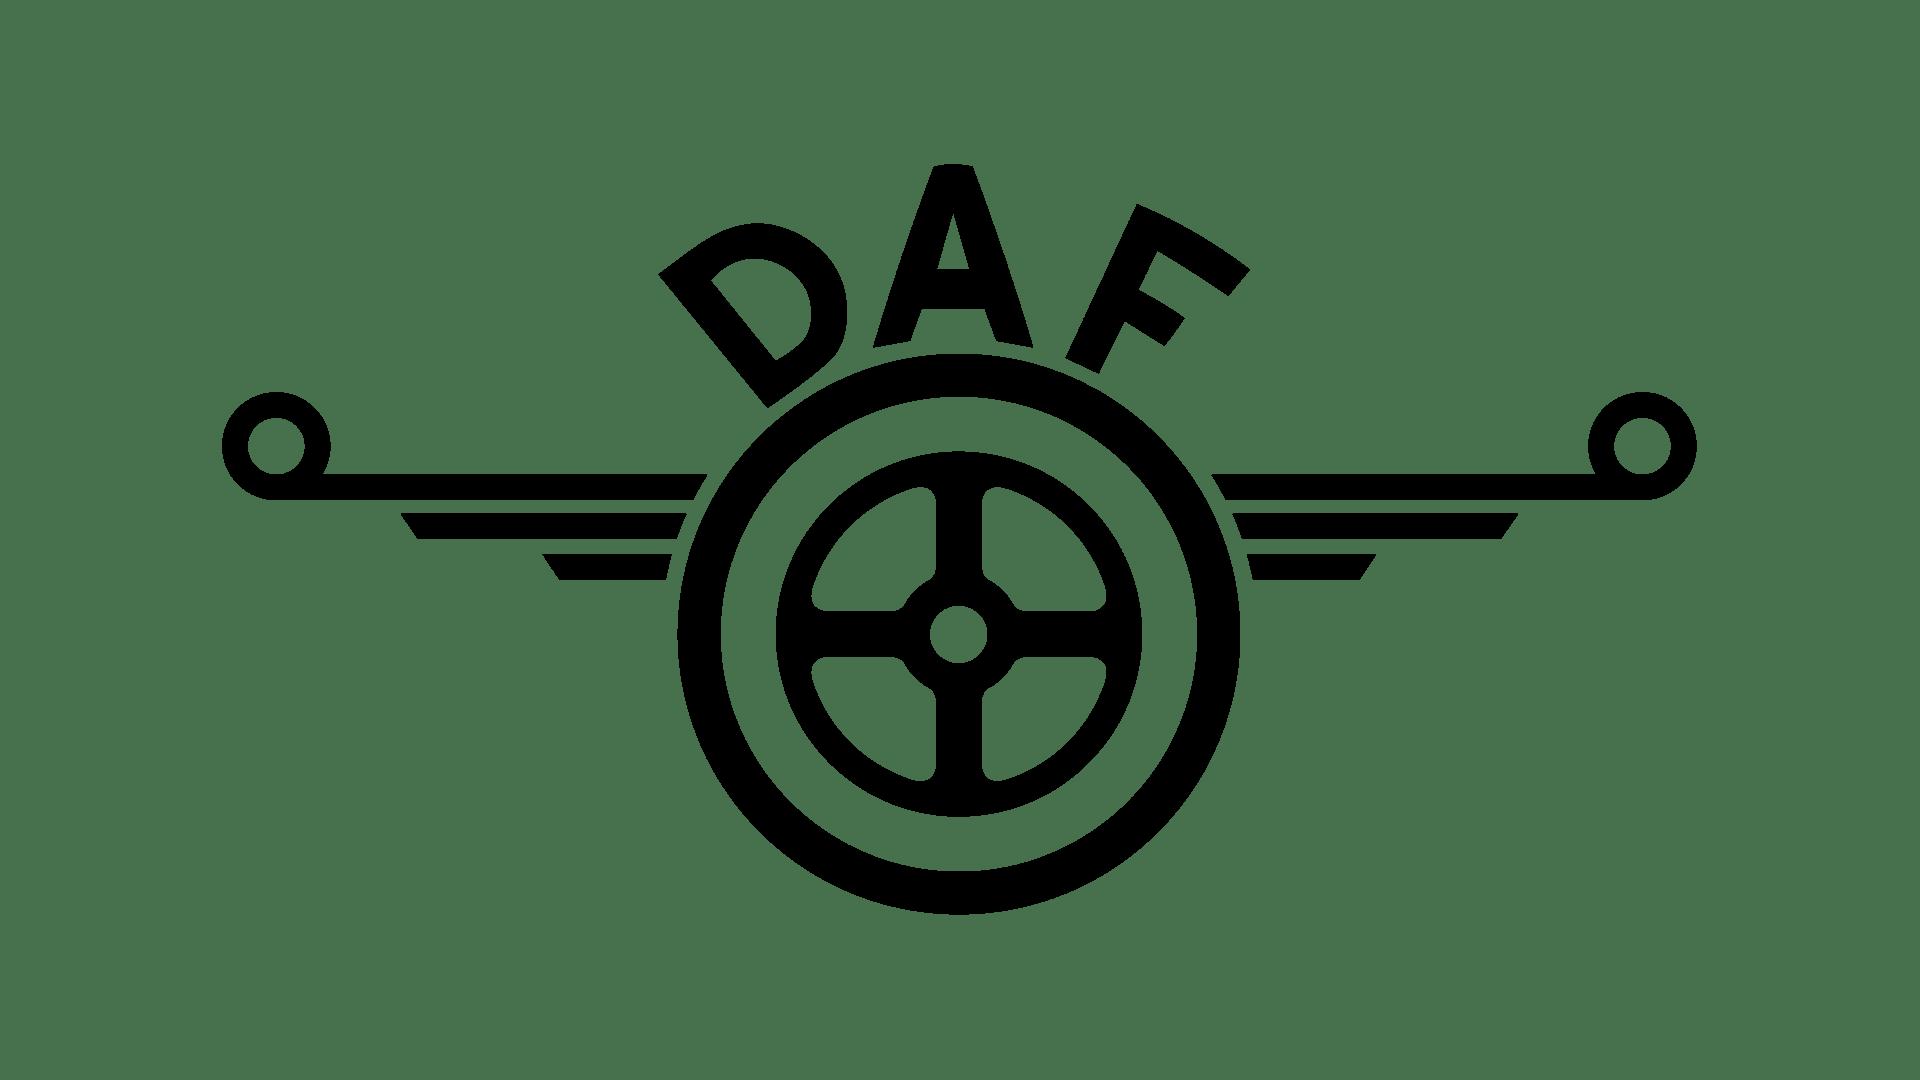 Daf Trucks Logo Hd Information